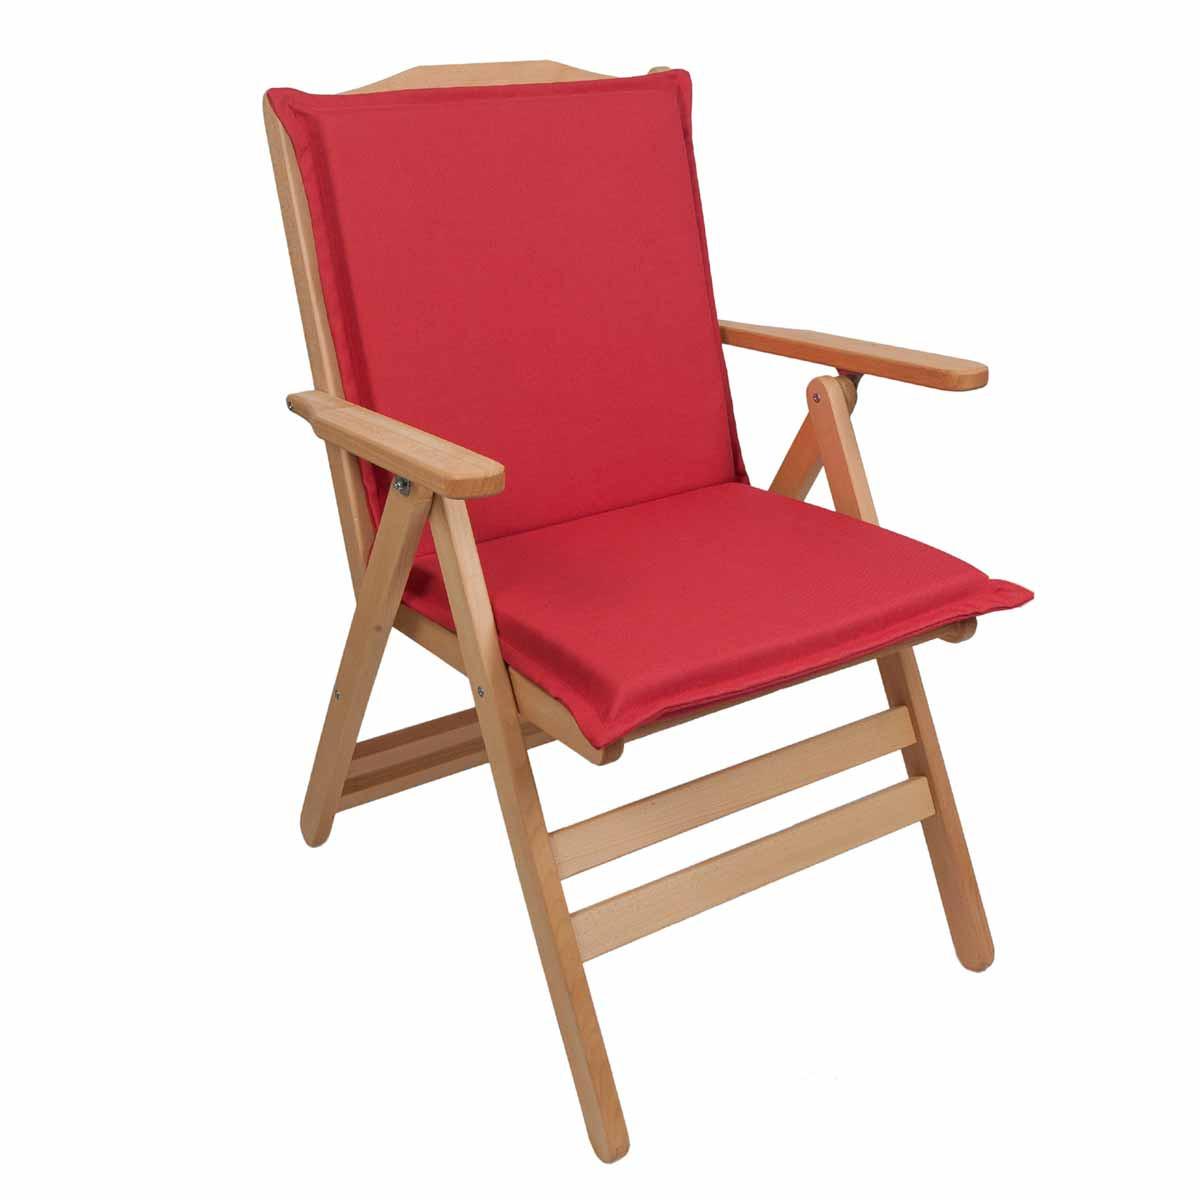 Μαξιλάρι Καρέκλας Με Πλάτη 92cm Be Comfy Red 203